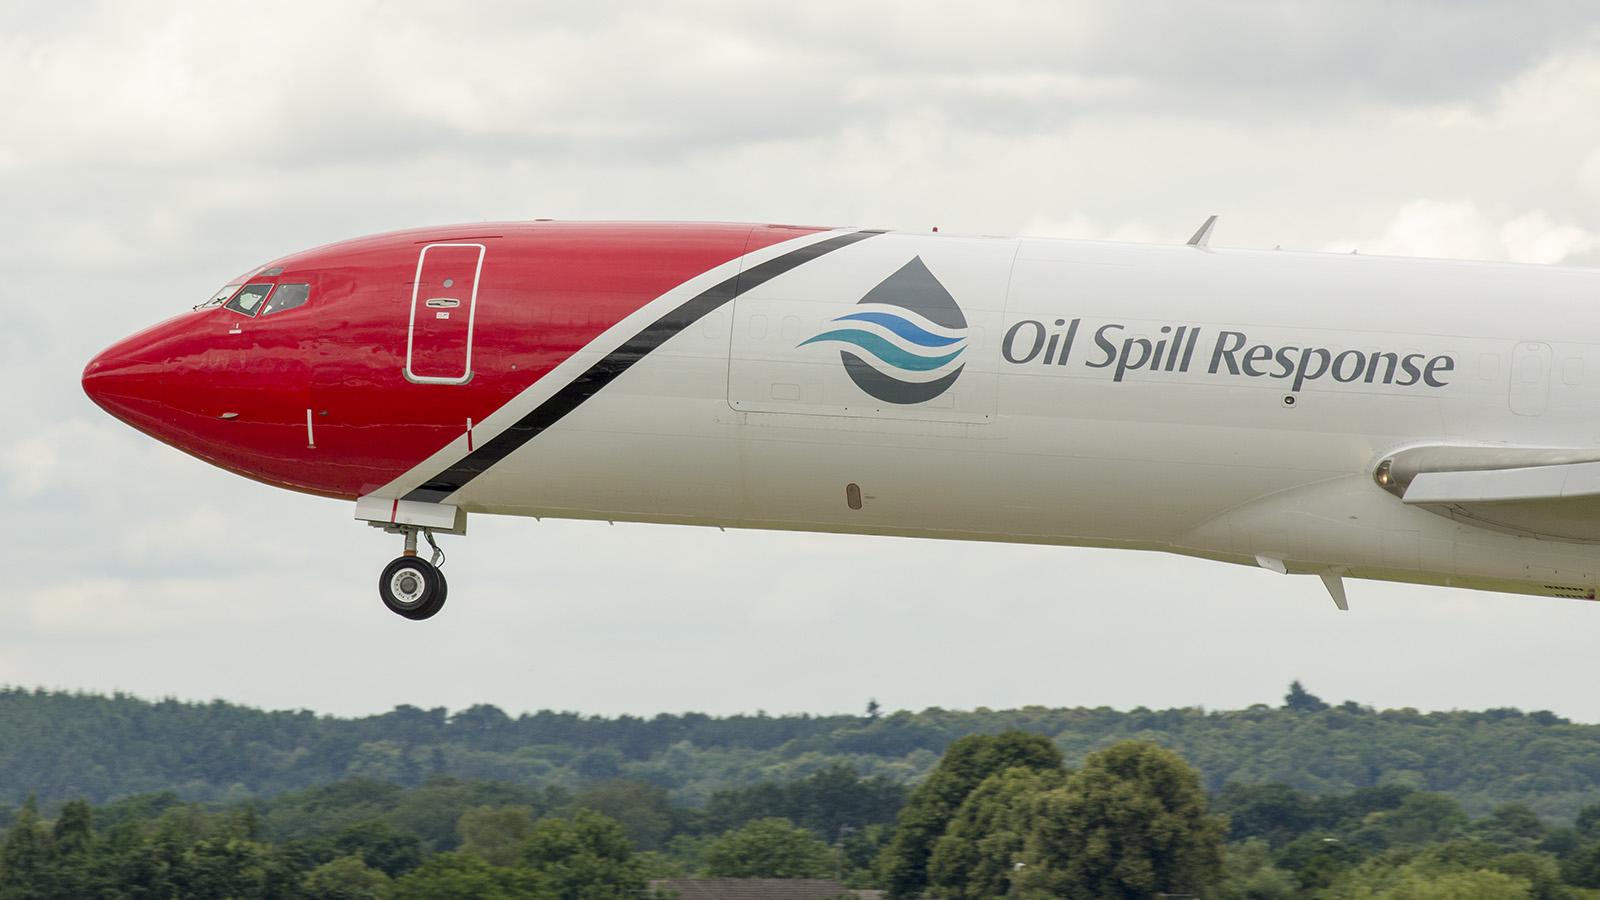 _IMG5971 Boeing 727-2S2FAdv RE Super 27 G-OSRA Oil Spill Response s